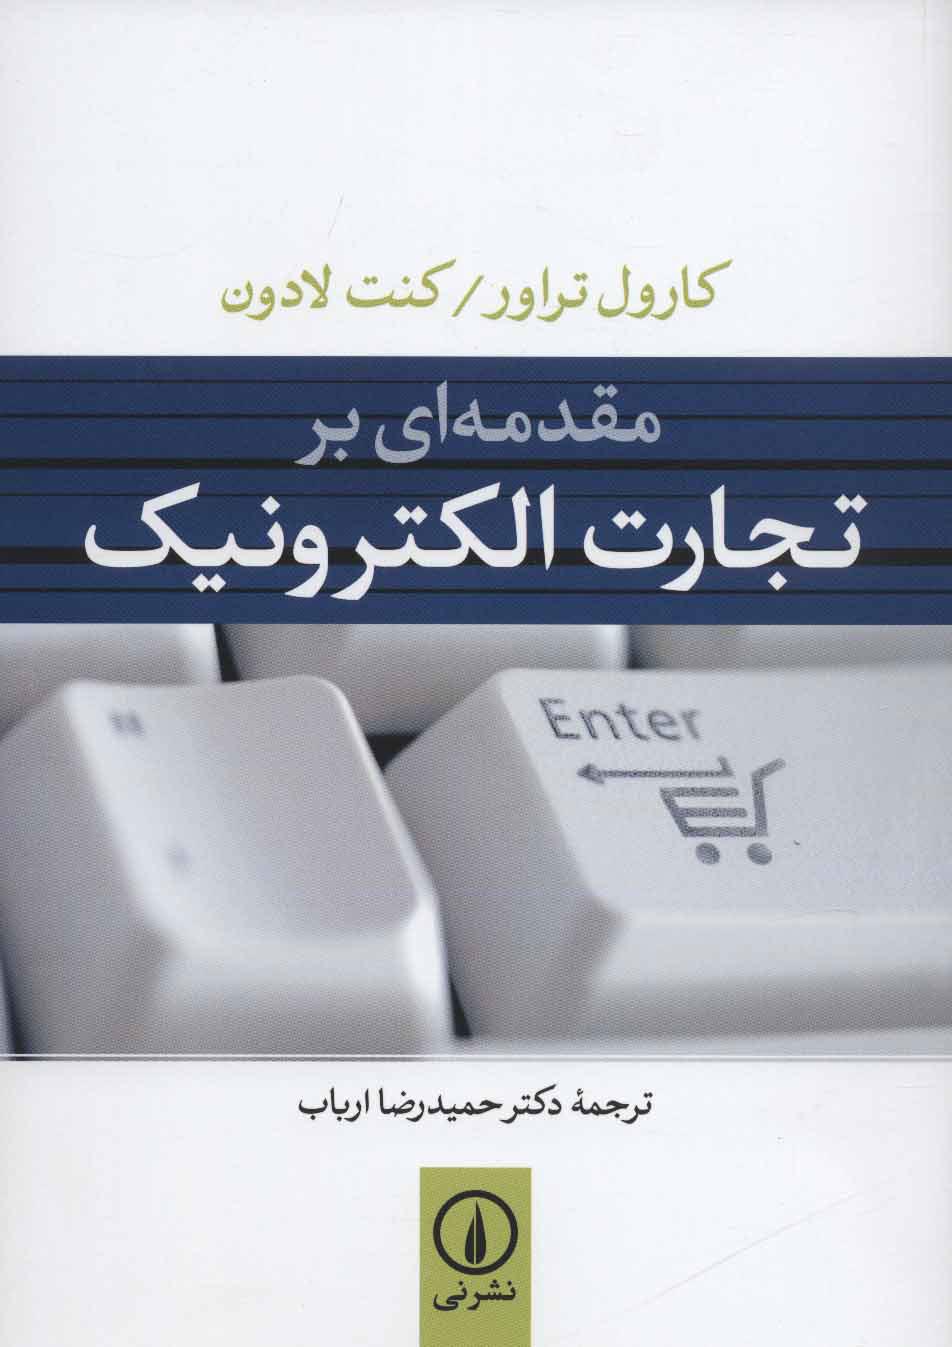 کتاب مقدمه ای بر تجارت الکترونیک